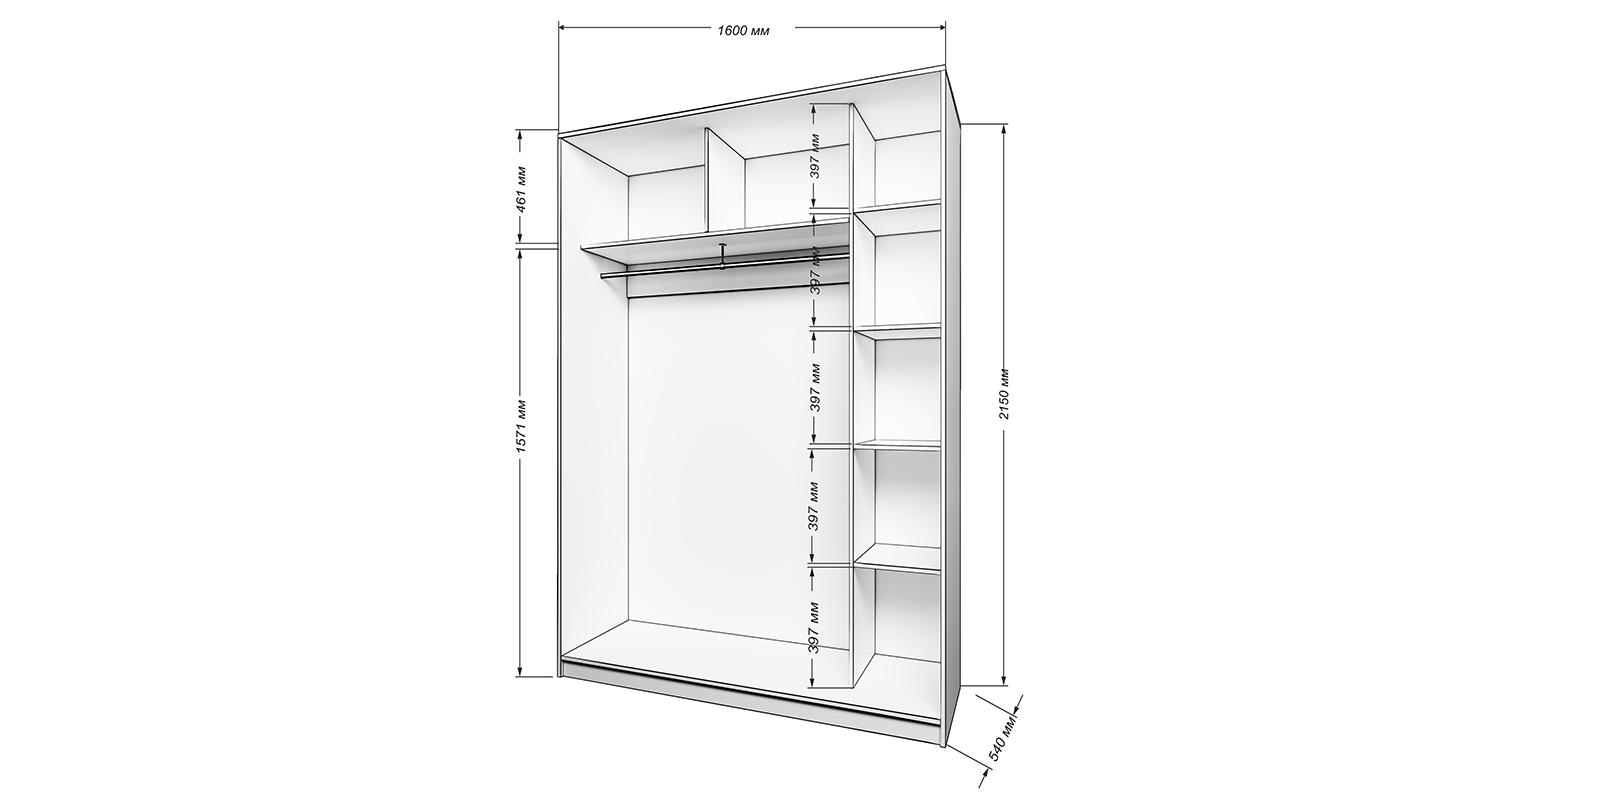 Шкаф-купе двухдверный Бостон 160 см (белый)